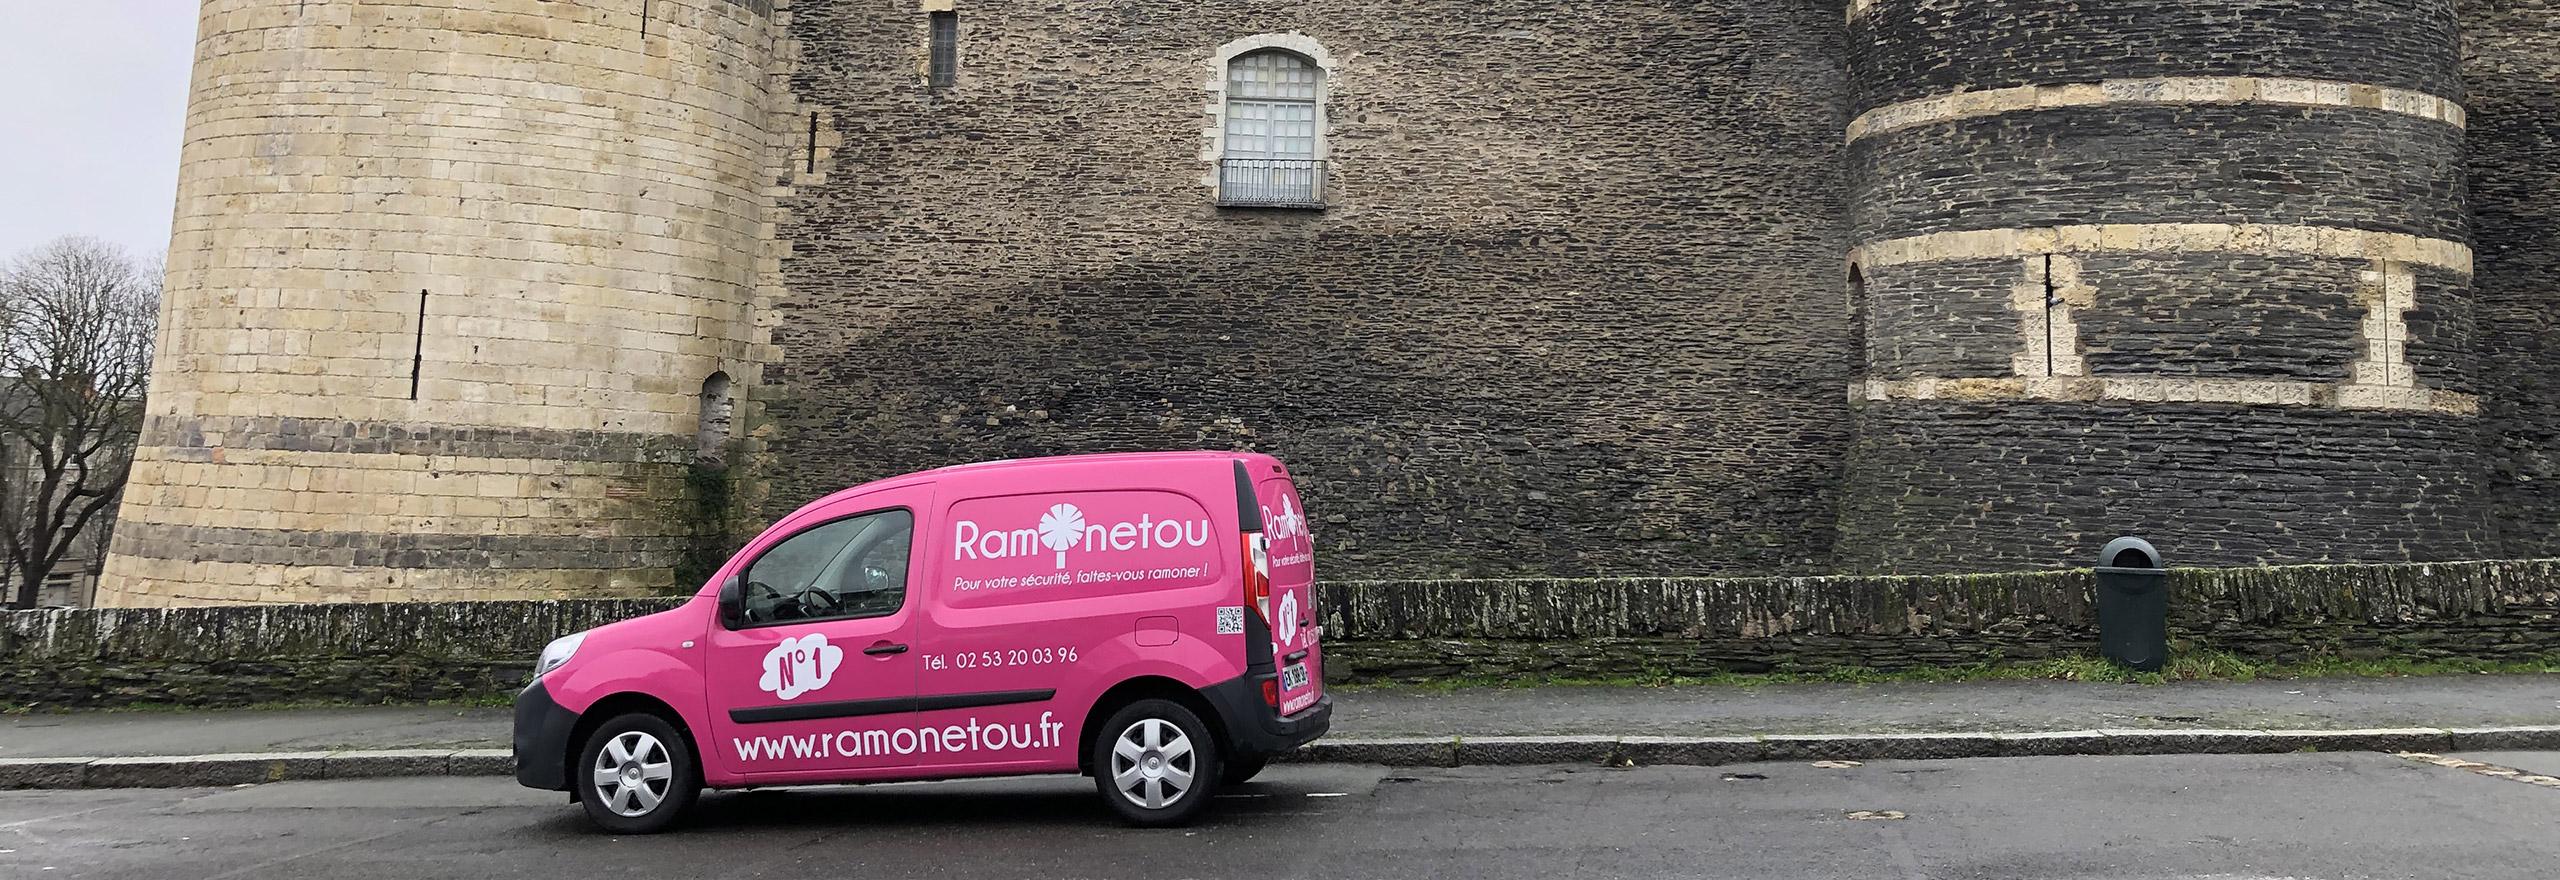 Ramoneur Maine-et-Loire (49)